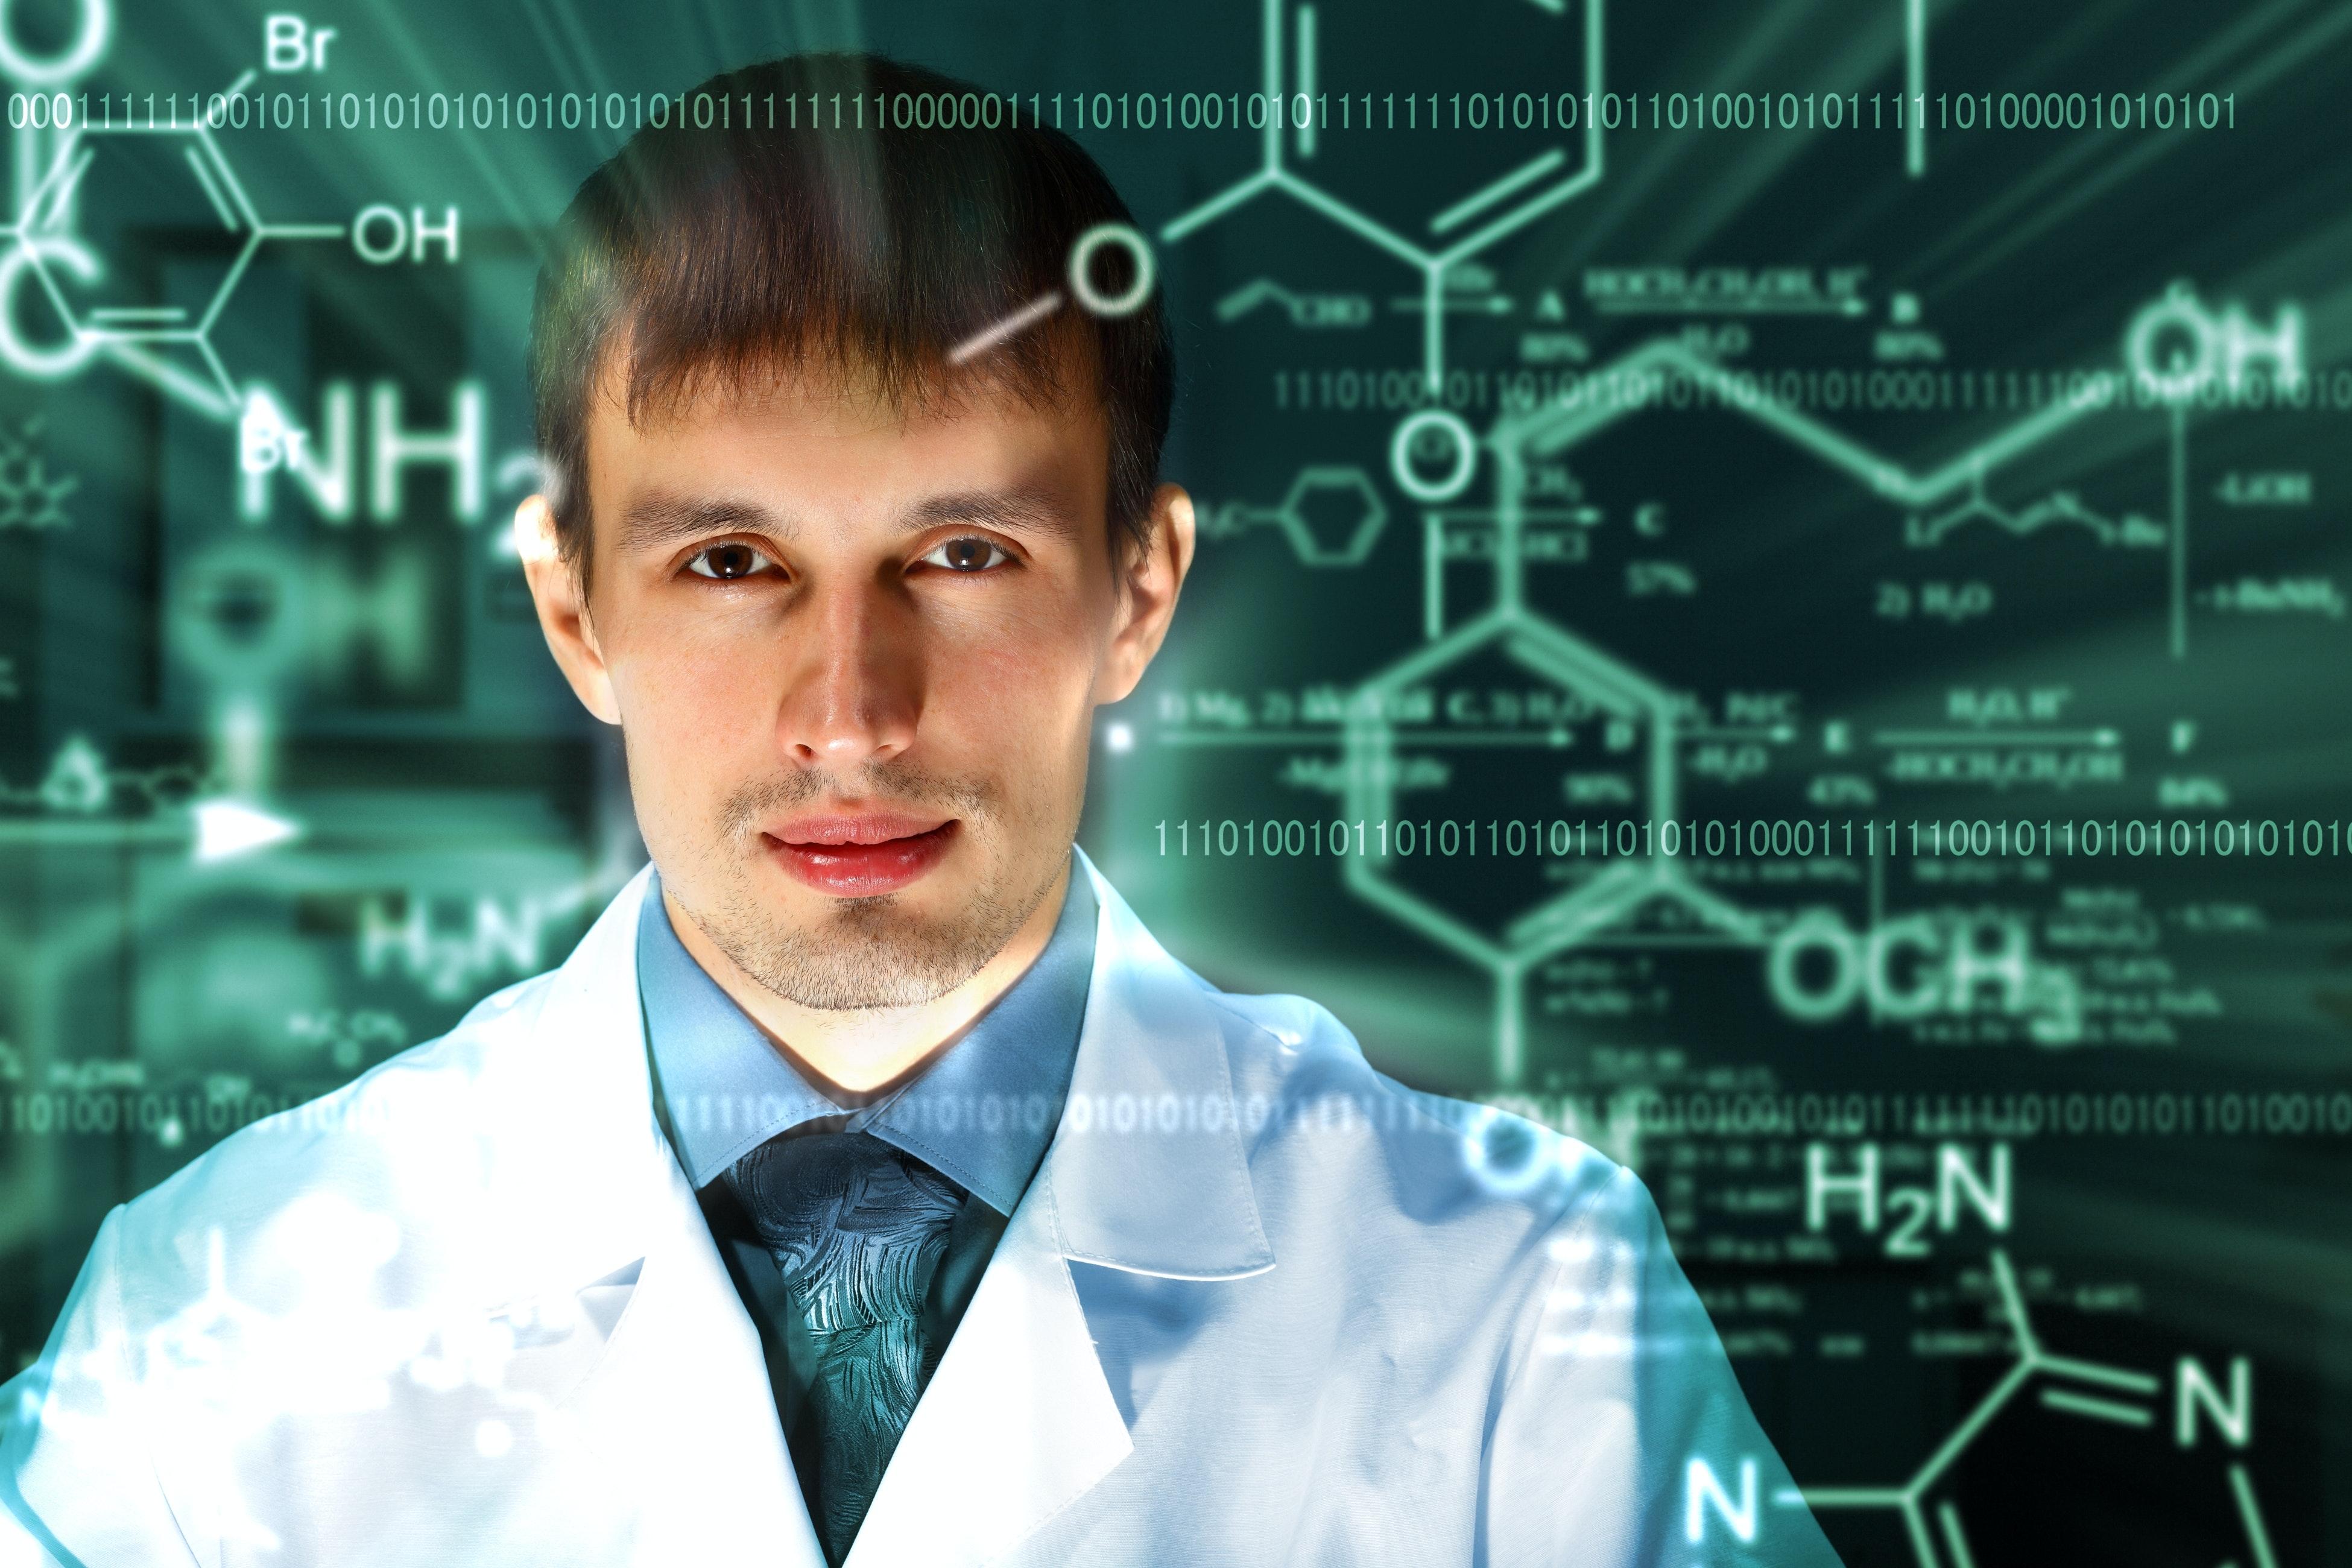 Ung forsker i hvid kittel